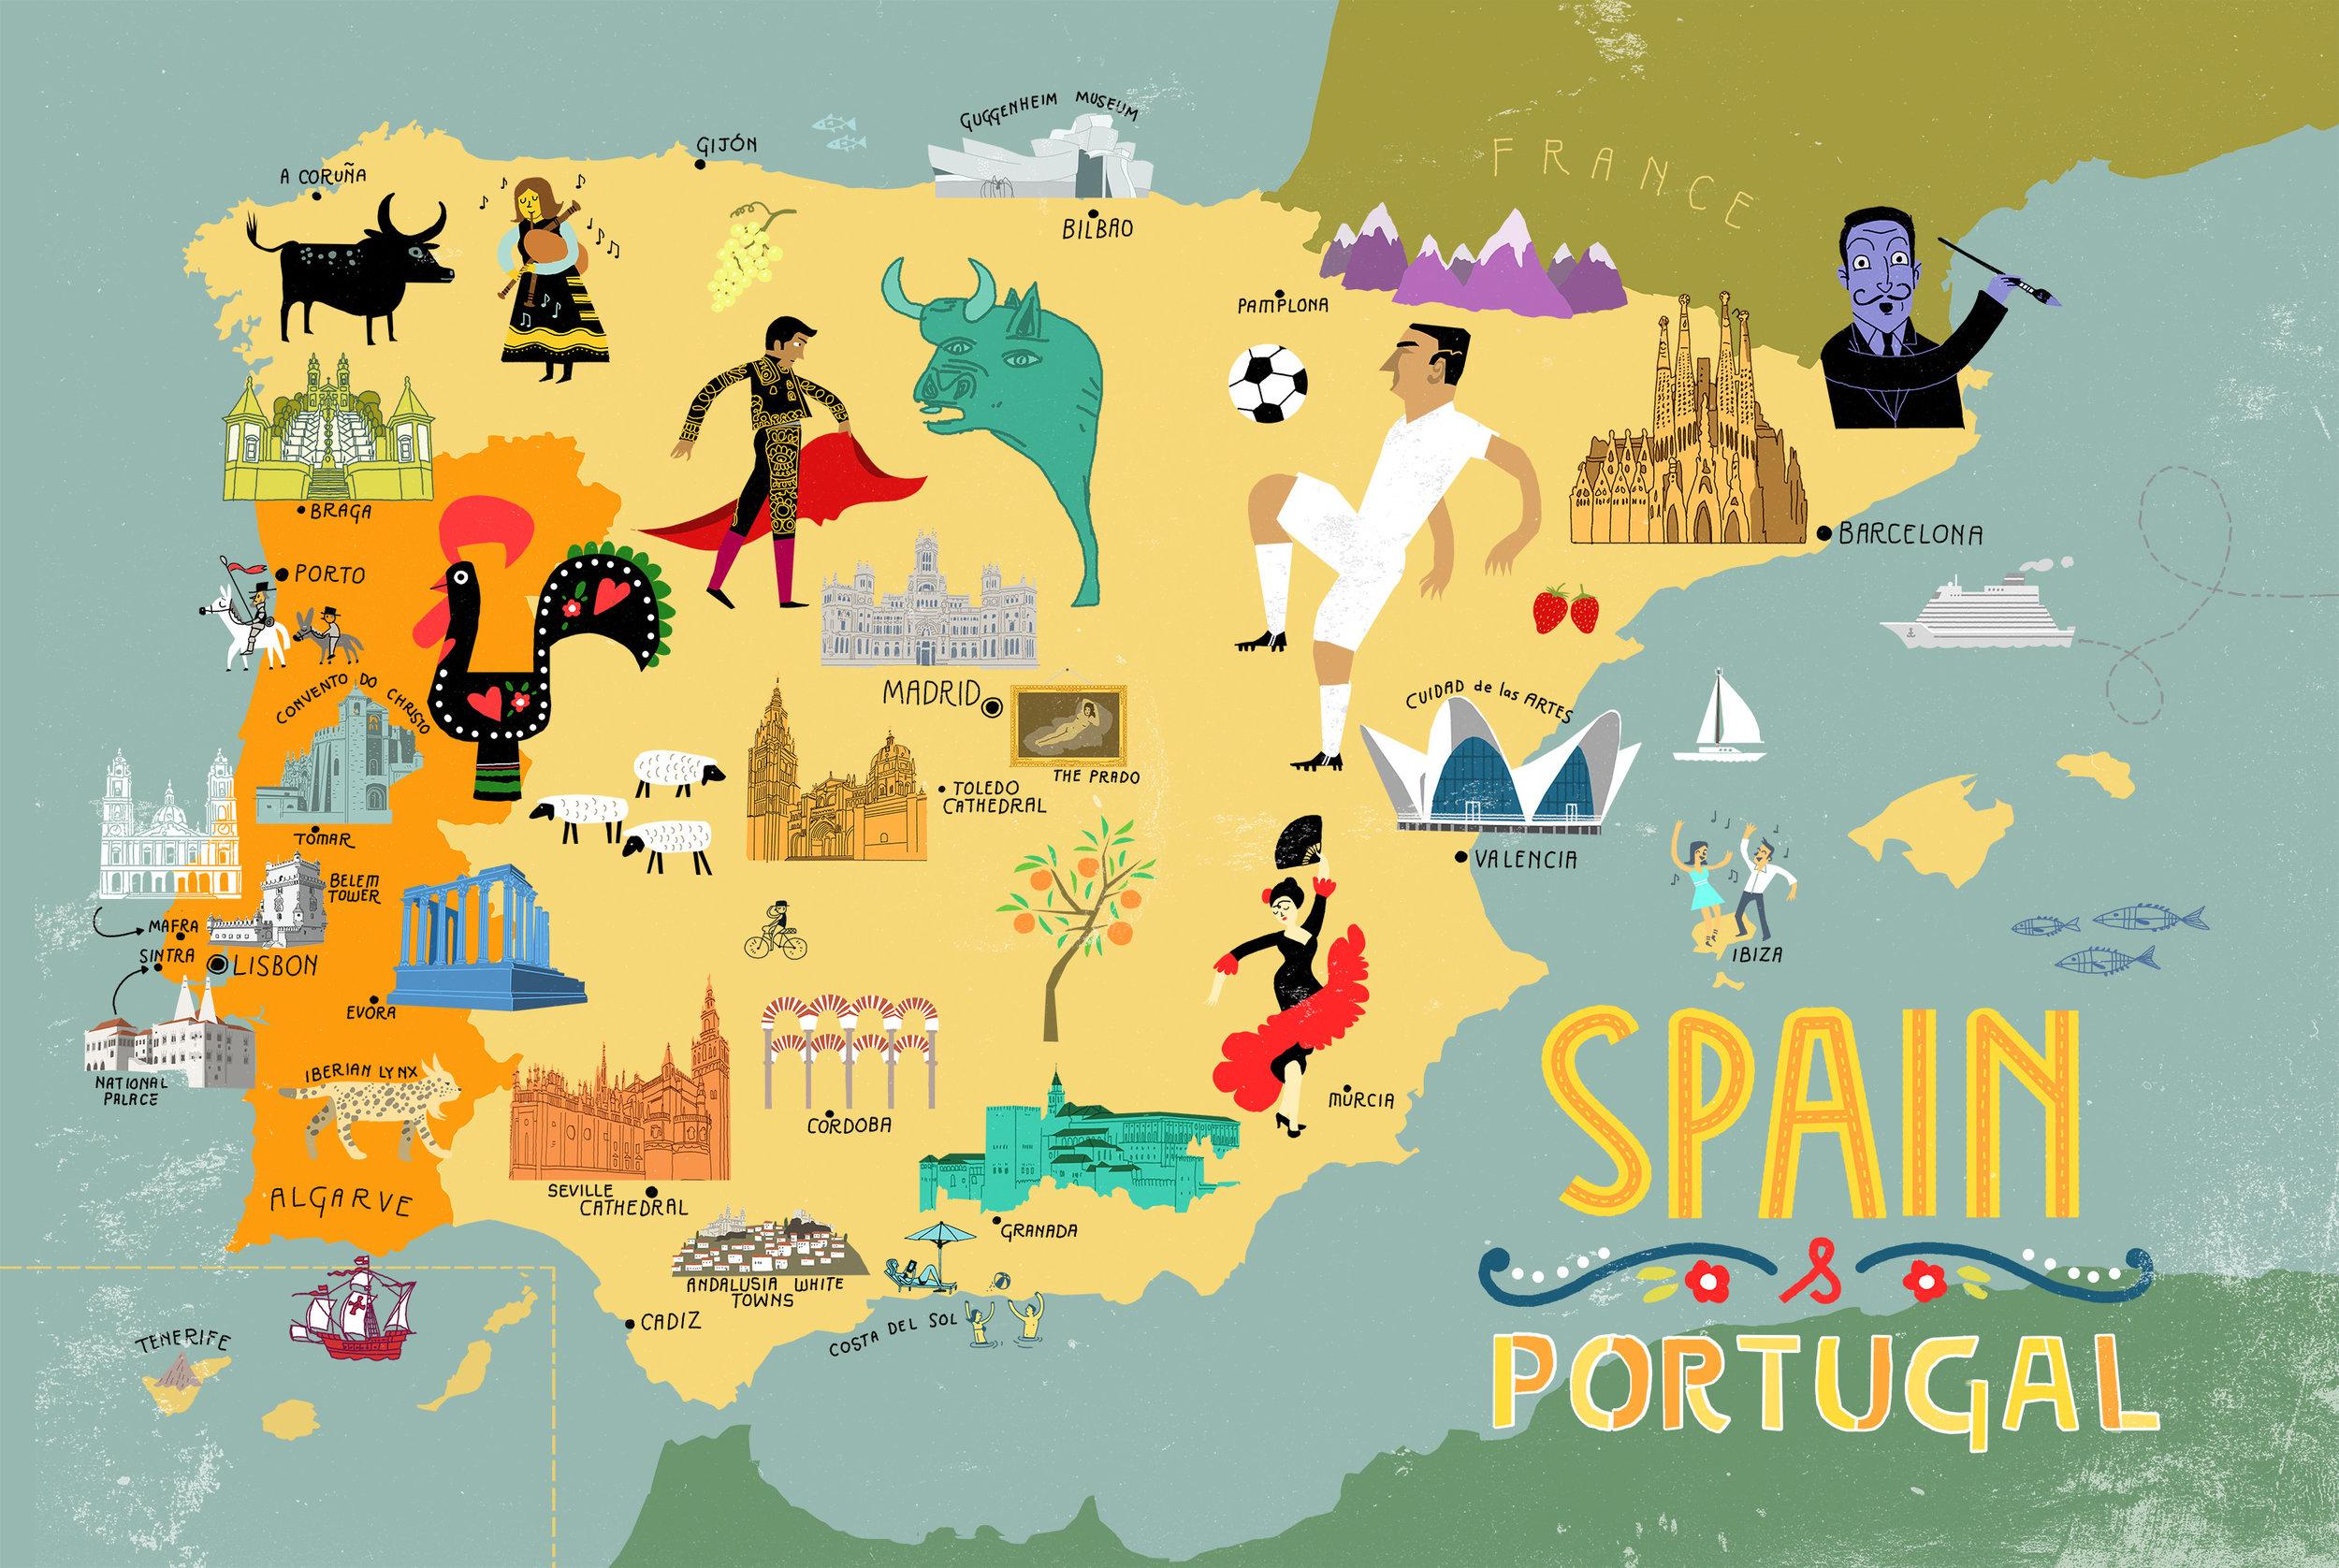 SpainPortugalMap.jpg